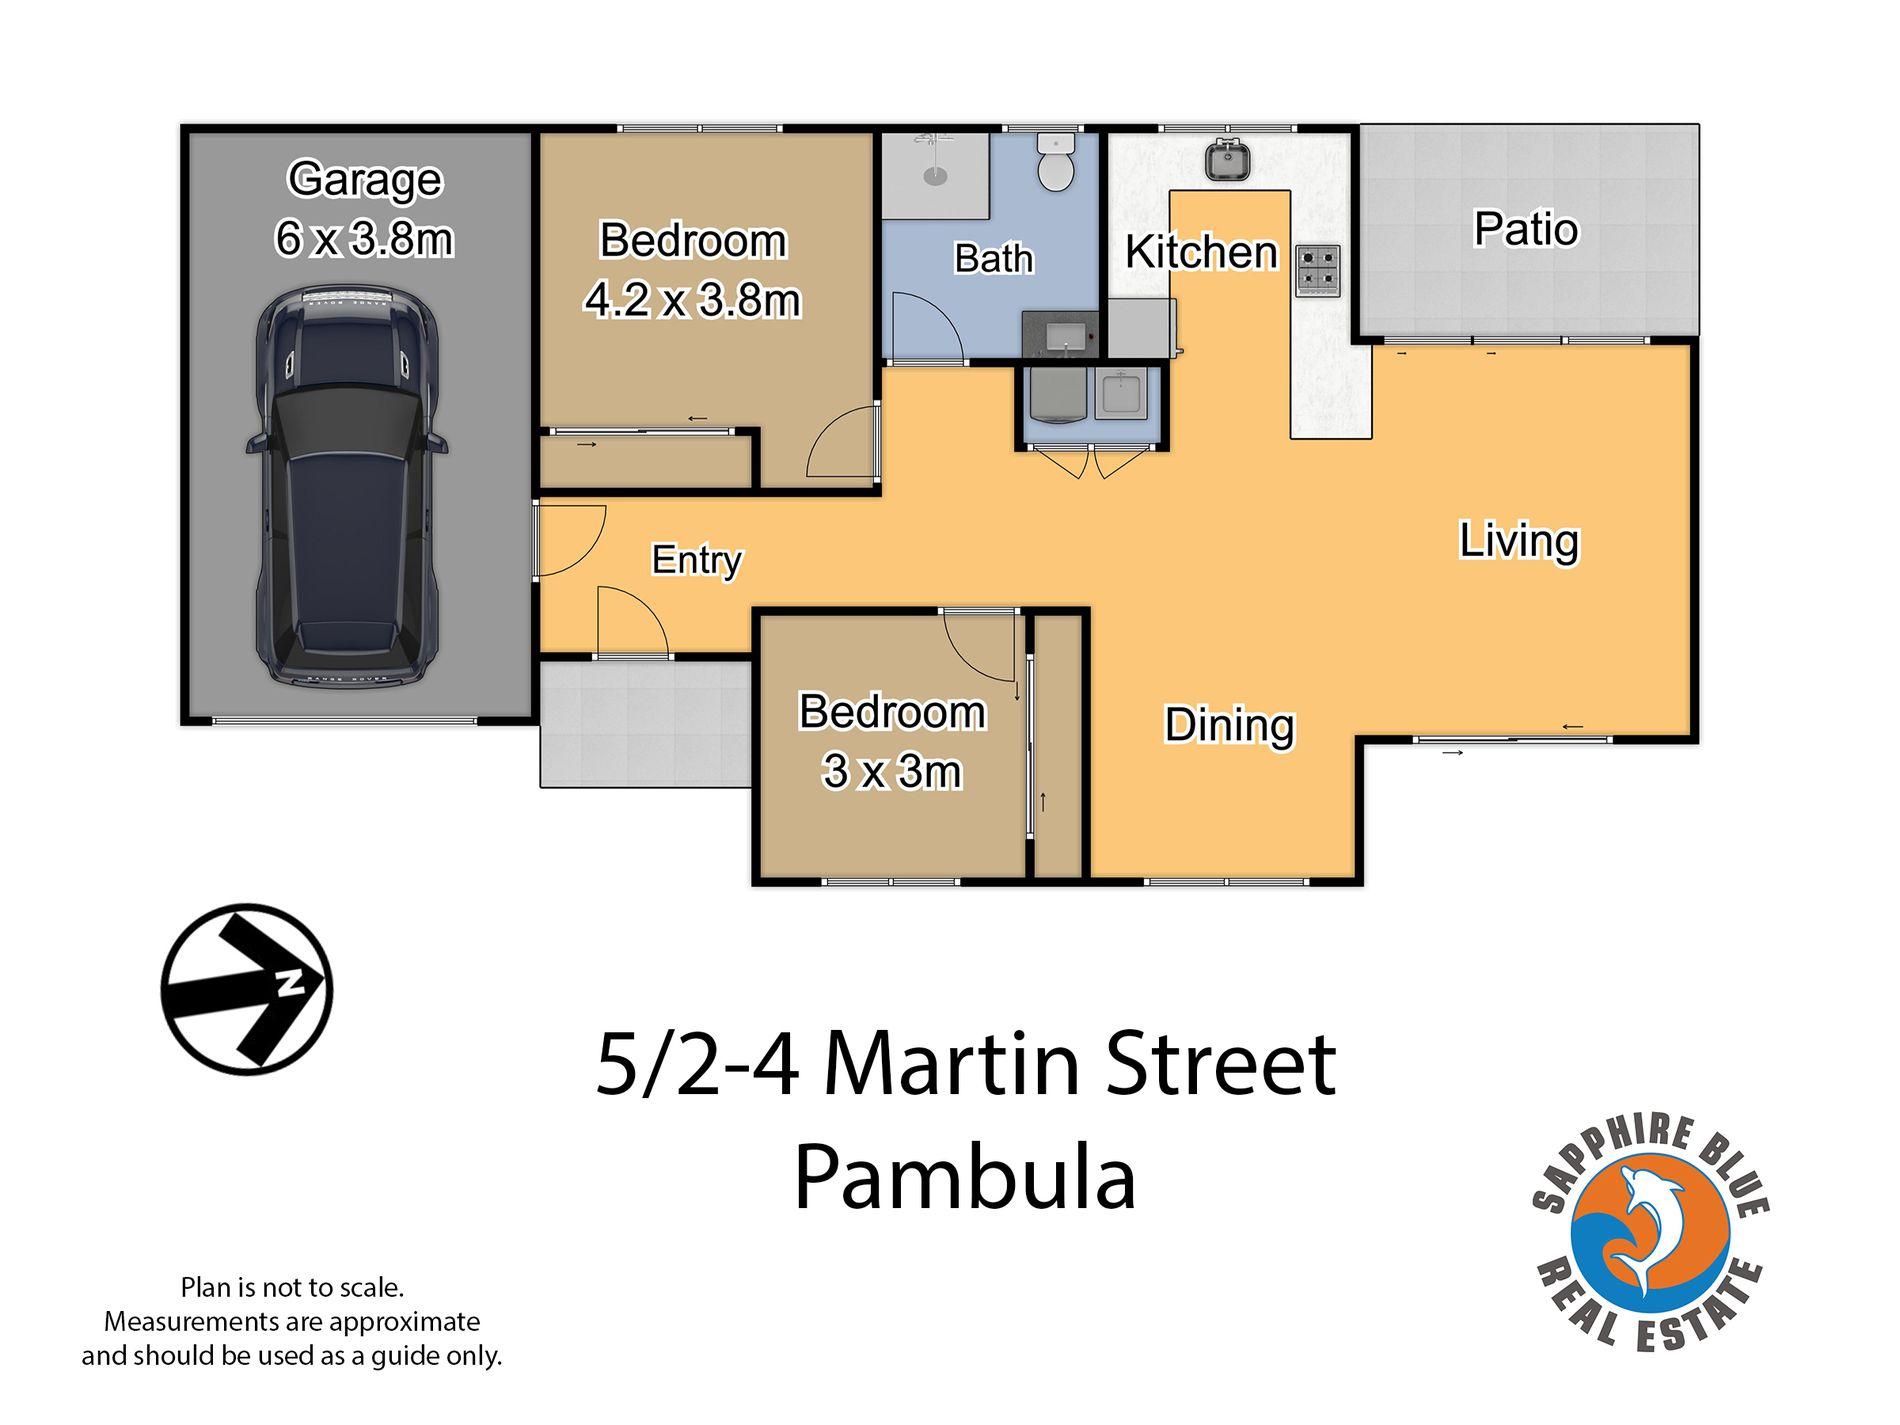 5 / 2-4 Martin Street, Pambula